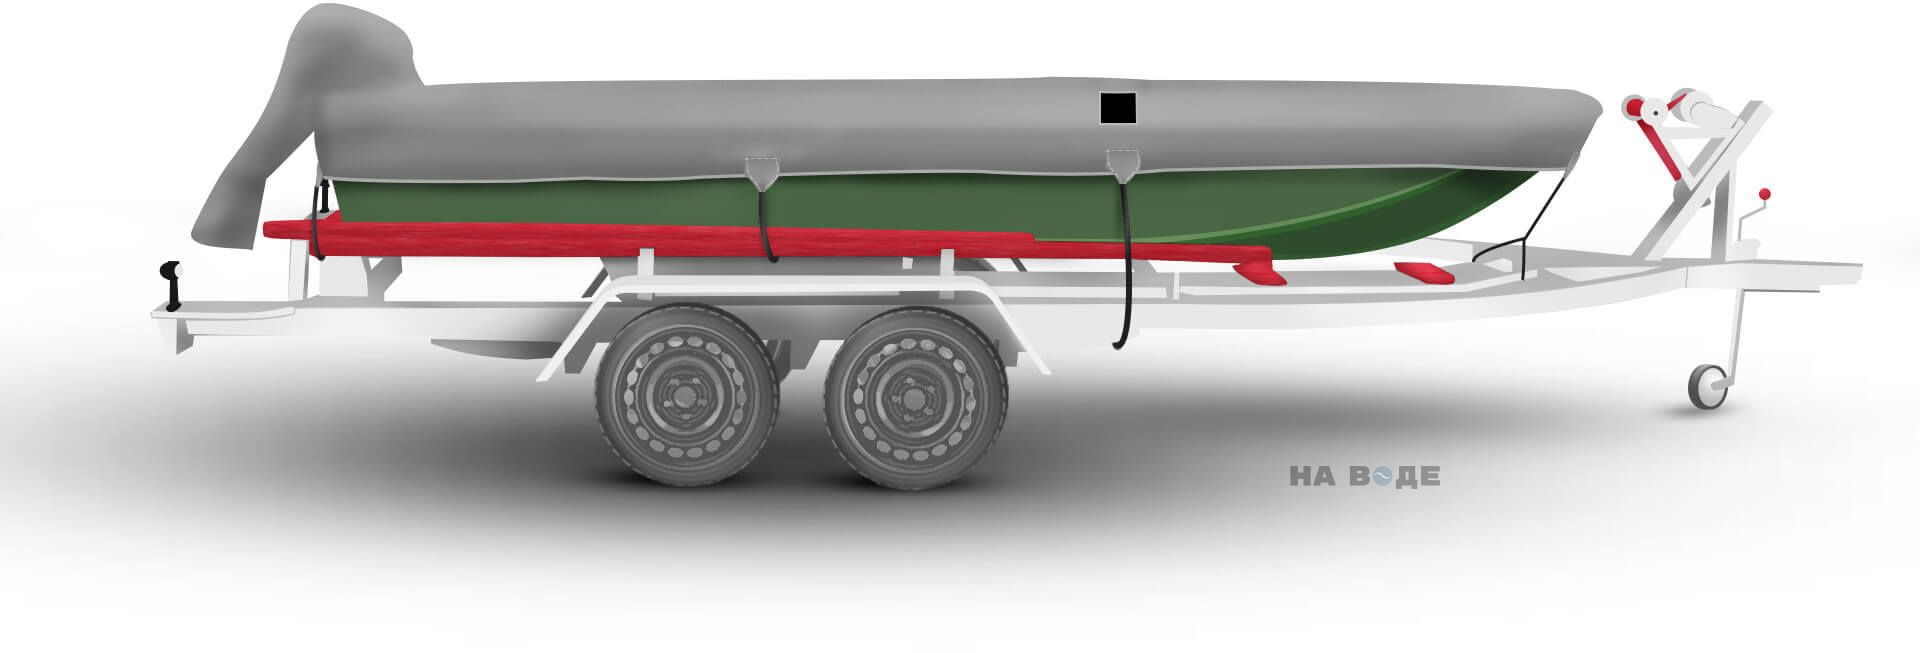 Транспортировочный тент на лодку Тактика 370 комплектация C накрытием мотора - фото 3